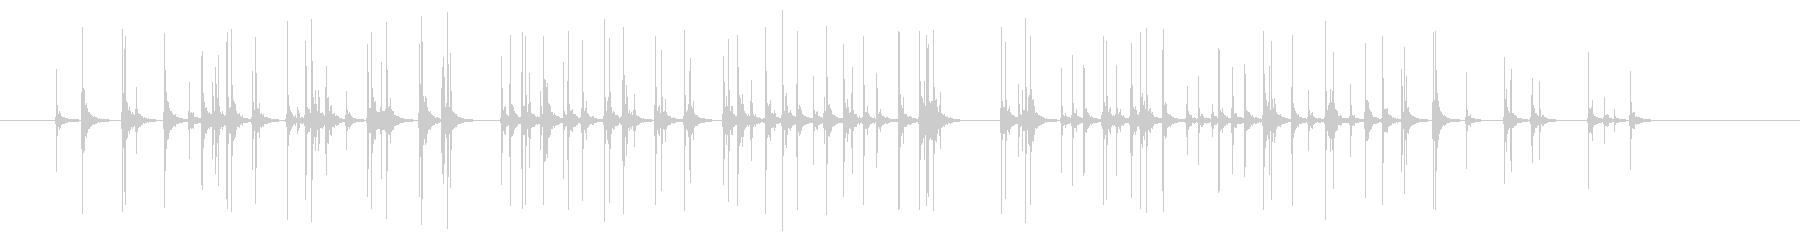 【録音】拍手5秒の未再生の波形